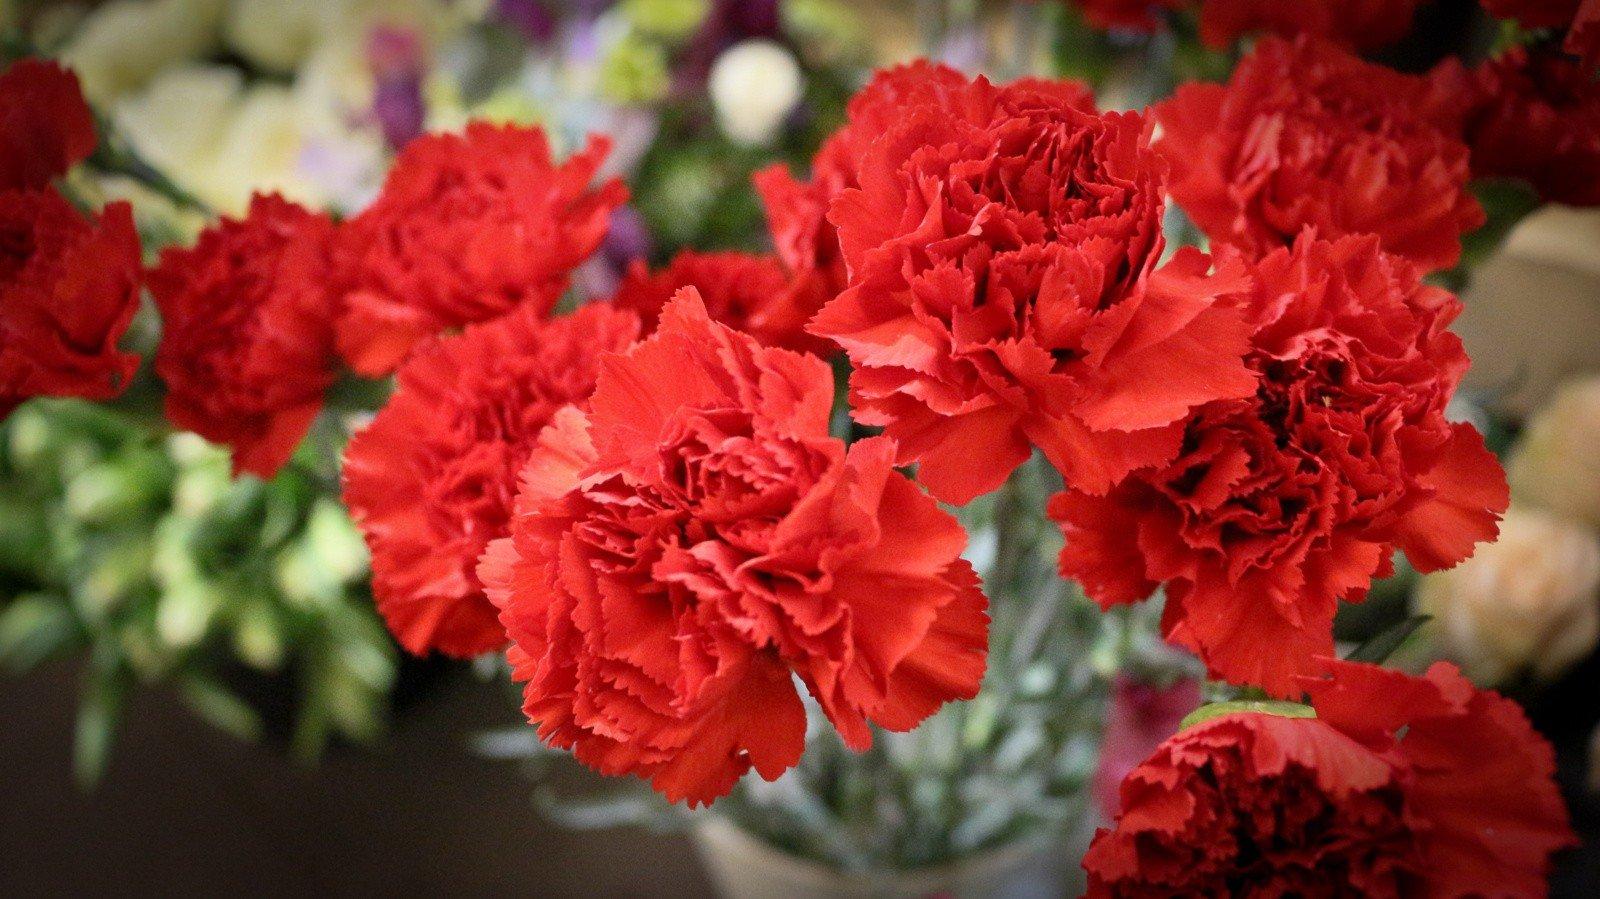 życzenia Na Dzień Kobiet Najpiękniejsze Wierszyki Na Dzień